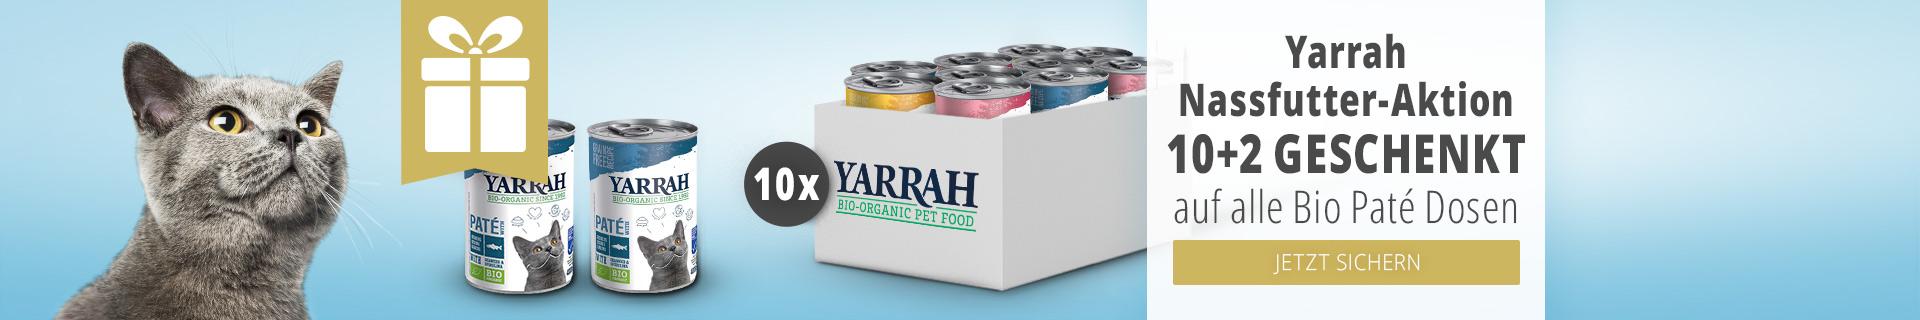 Yarrah Nassfutter Aktion 10+2 geschenkt